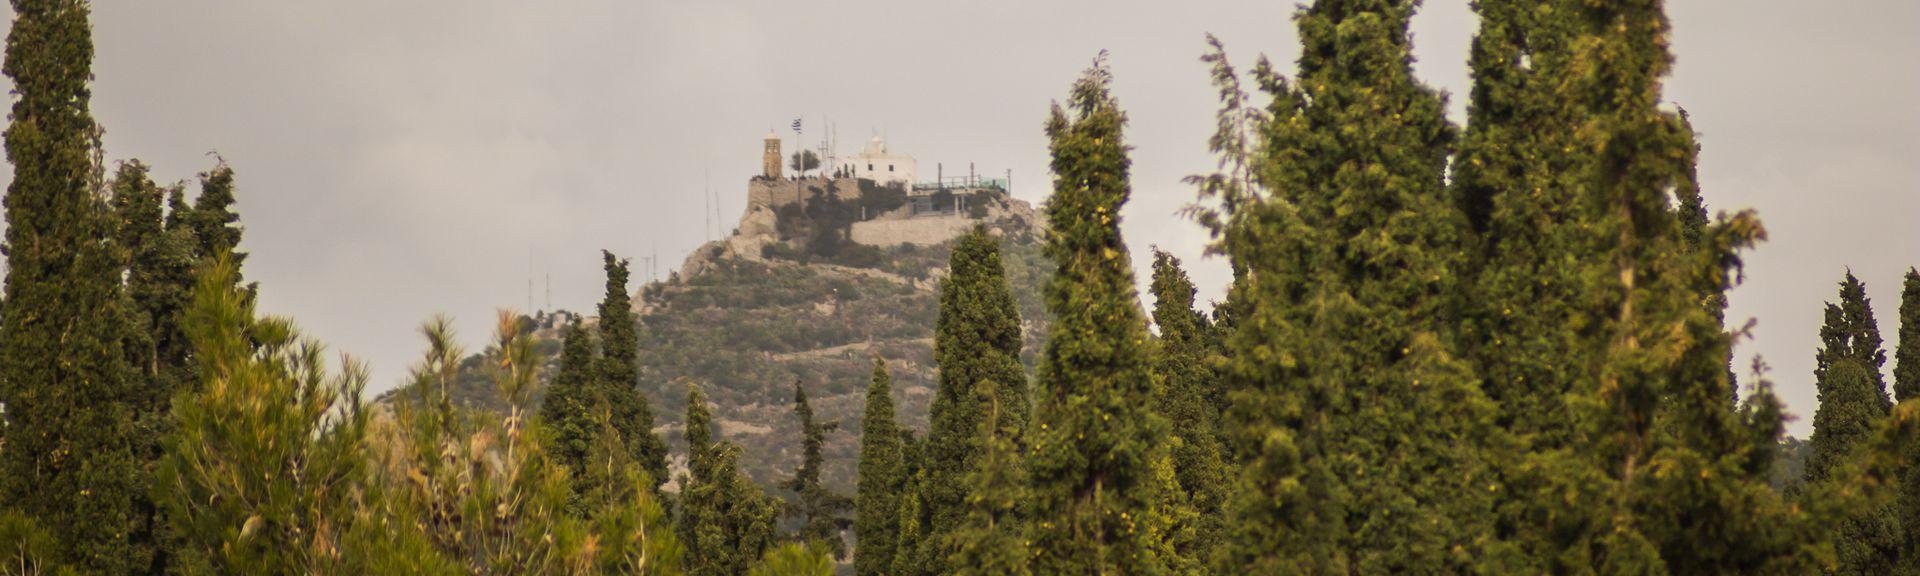 Akropolis, Athen, Attika, Griechenland